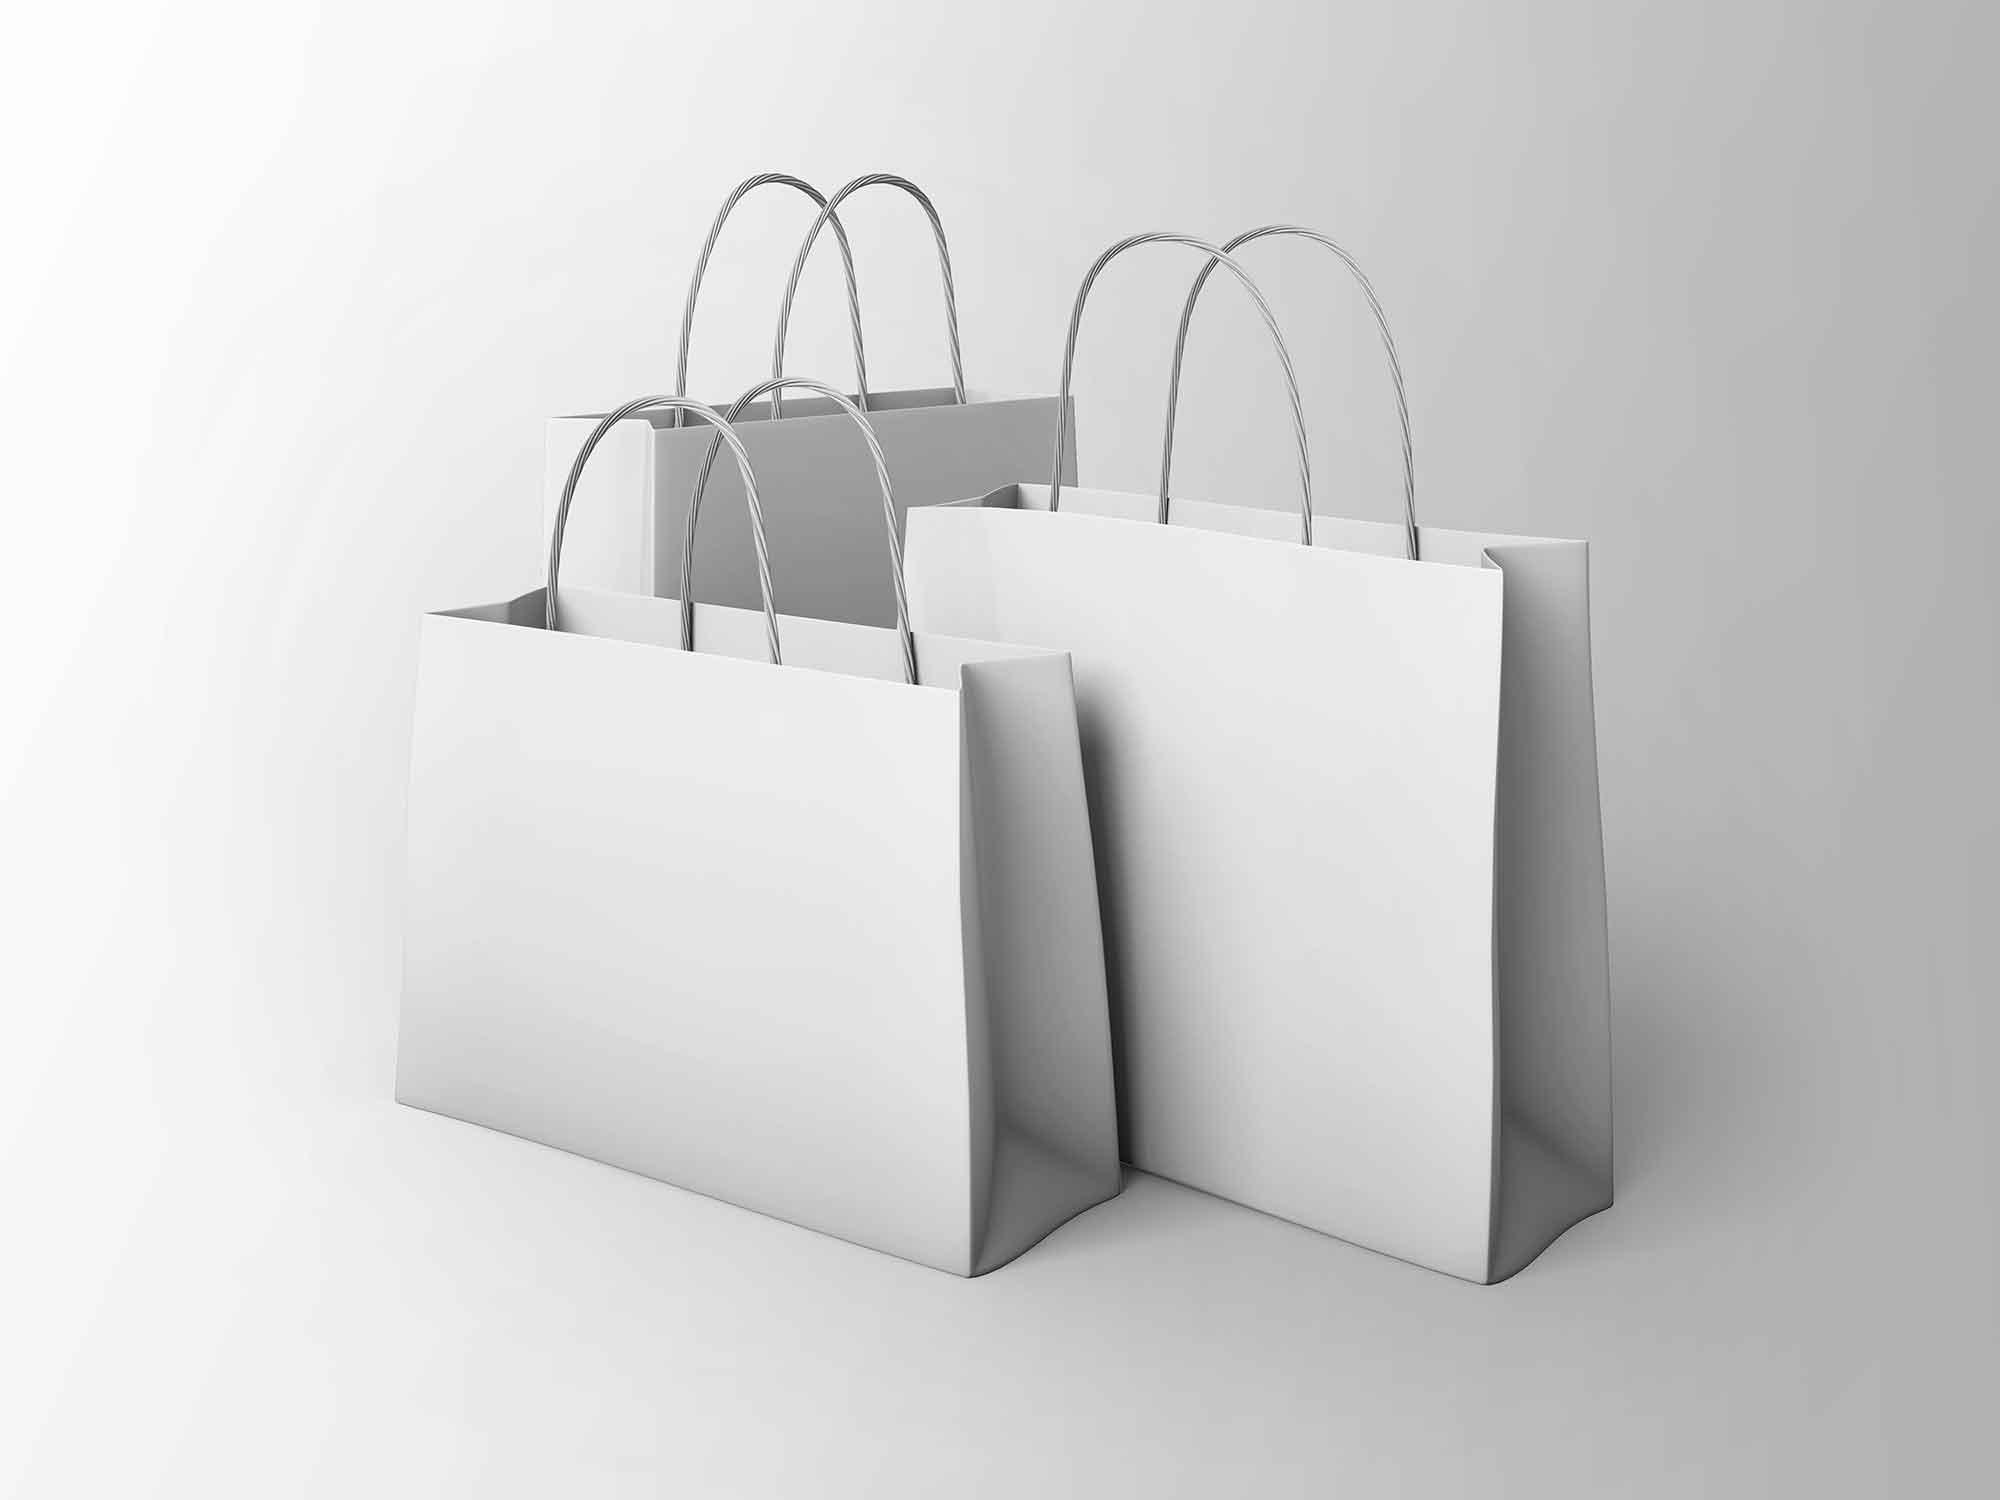 3 Paper Bags Mockup 2